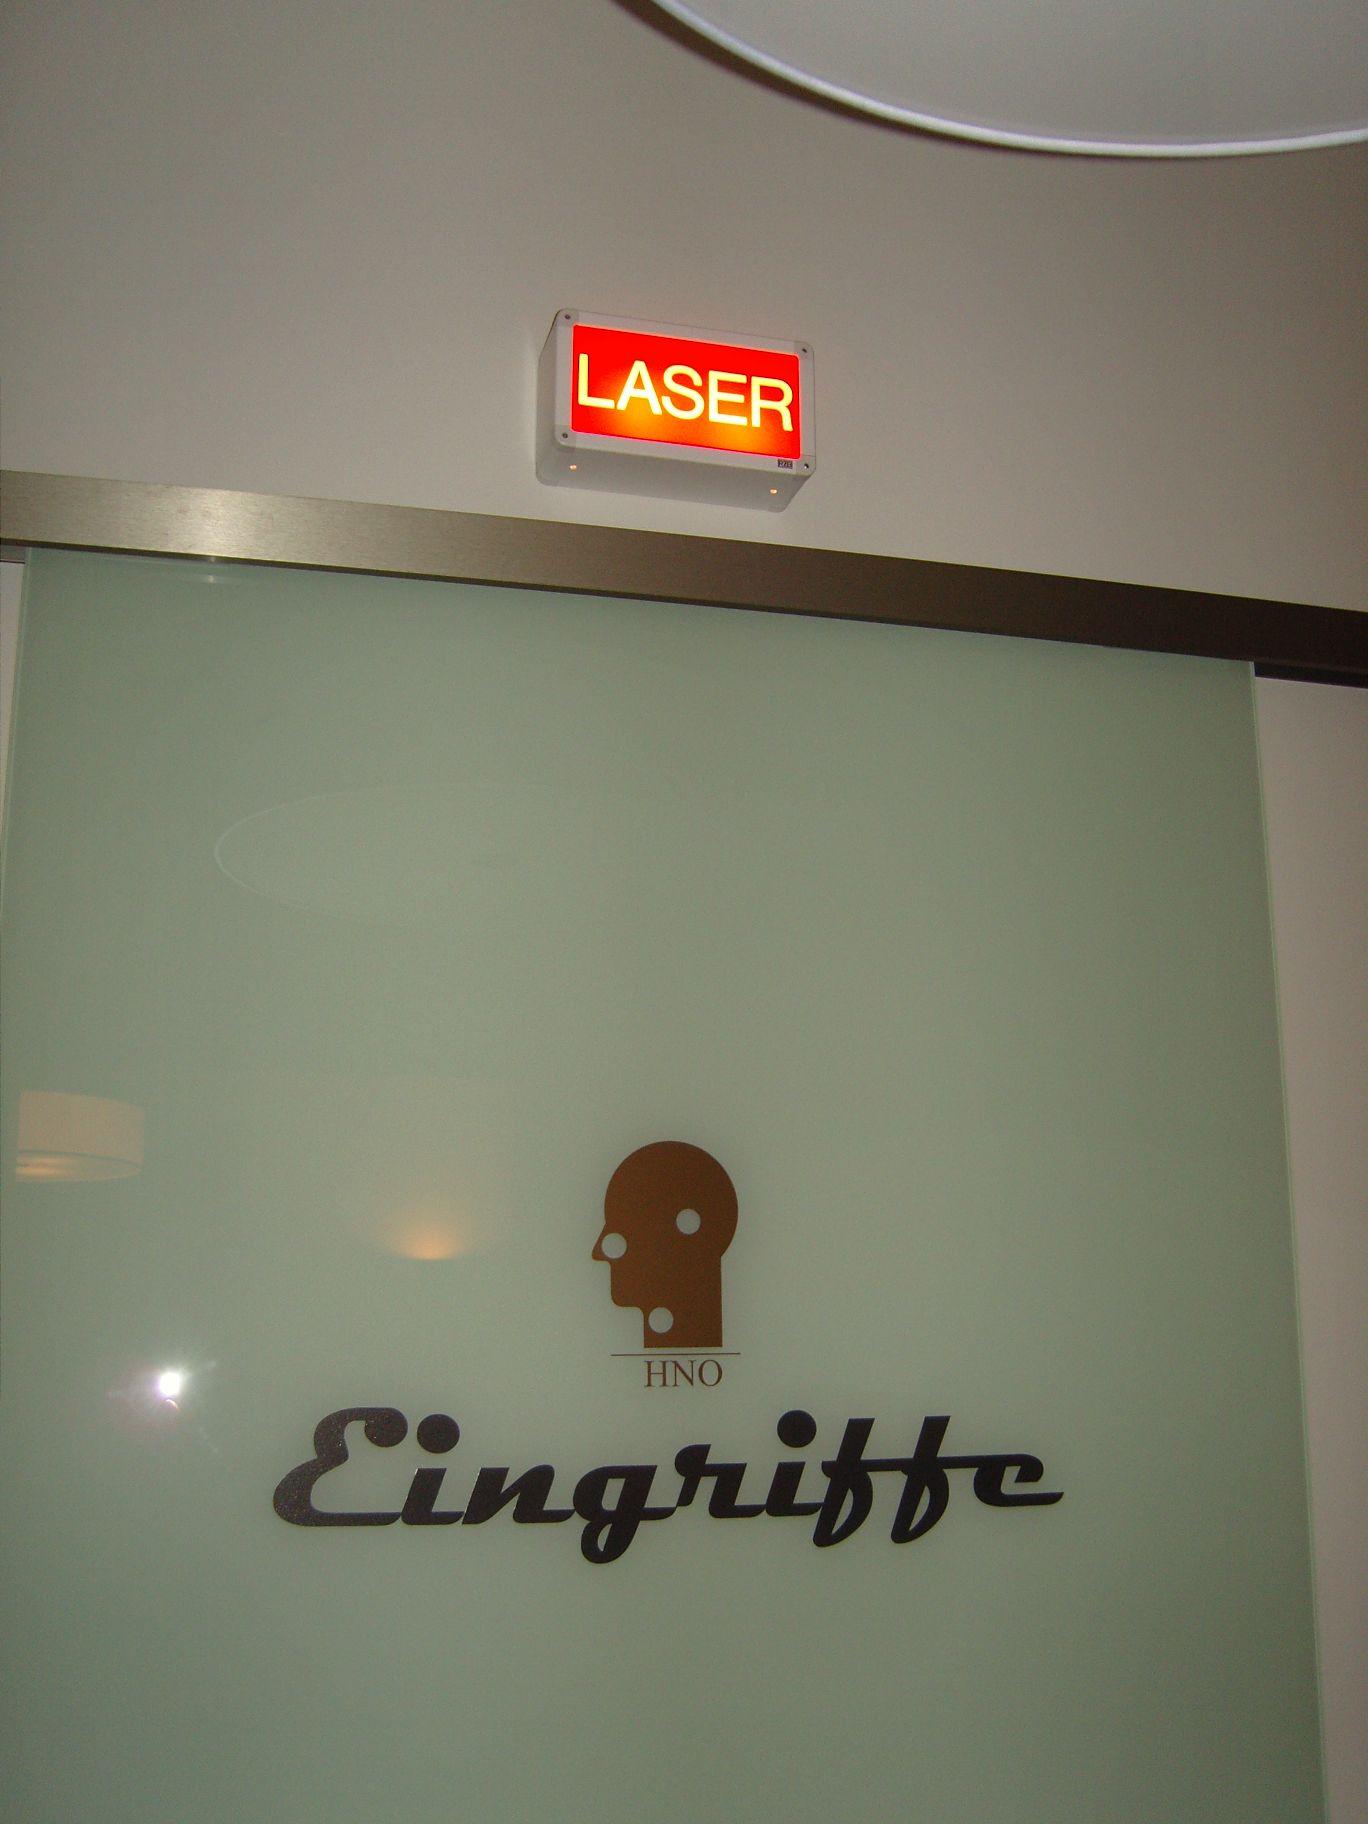 optuer-eingriffe-laserwarnung